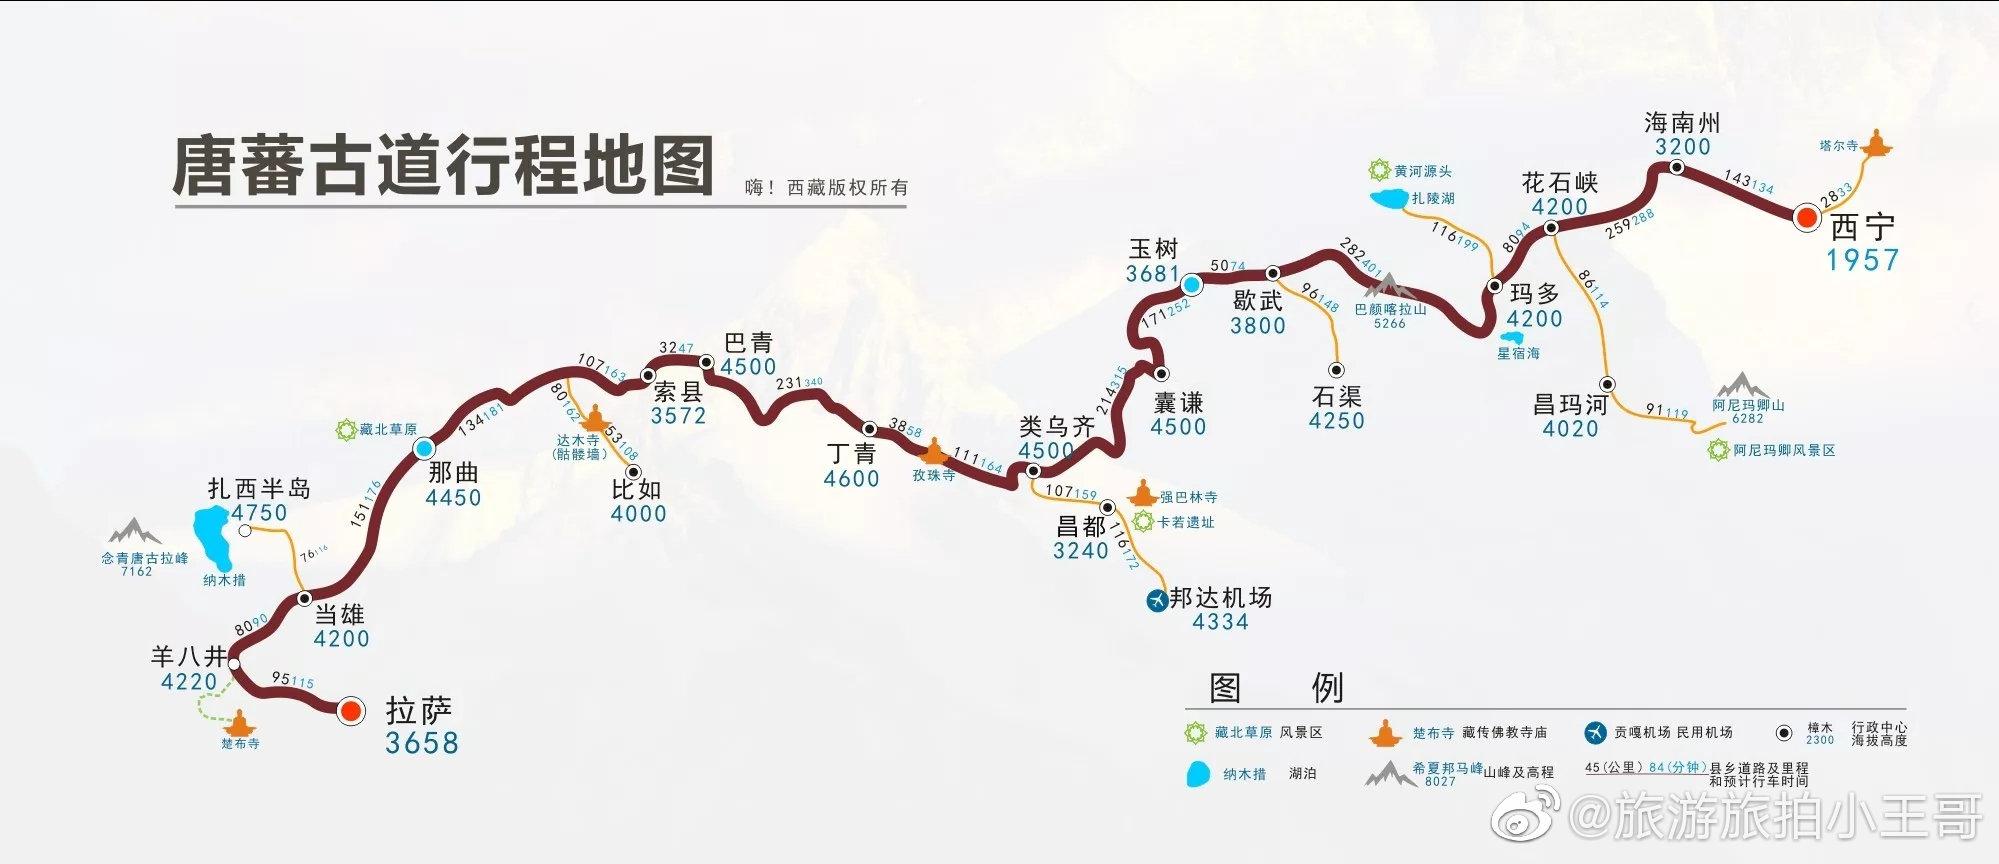 小伙伴们 这是小王哥整理出关于进西藏旅游路线地图  西藏各个线路地